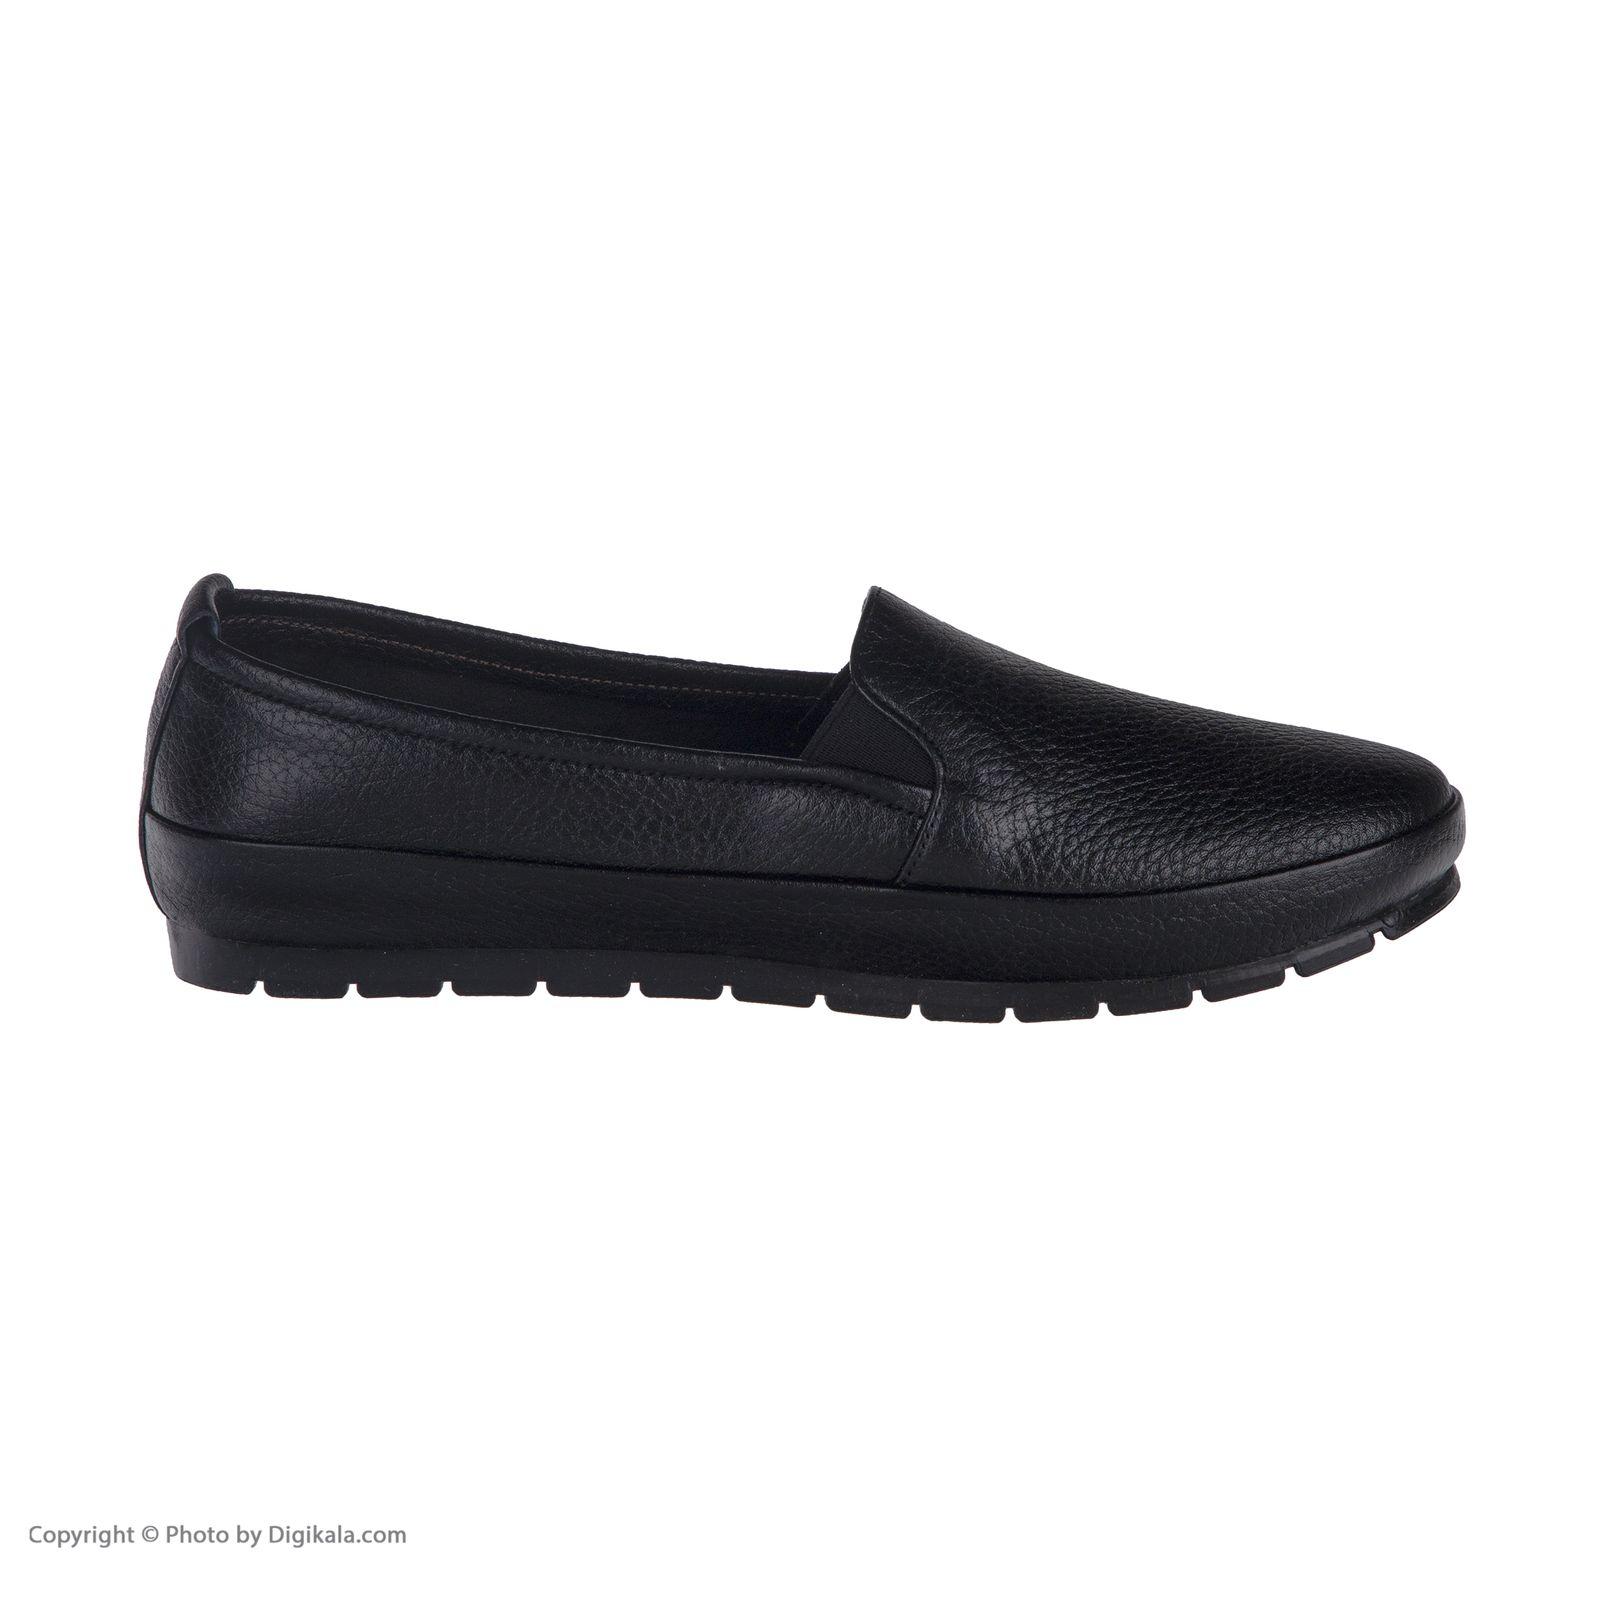 کفش روزمره زنانه بلوط مدل 5313A500101 -  - 7